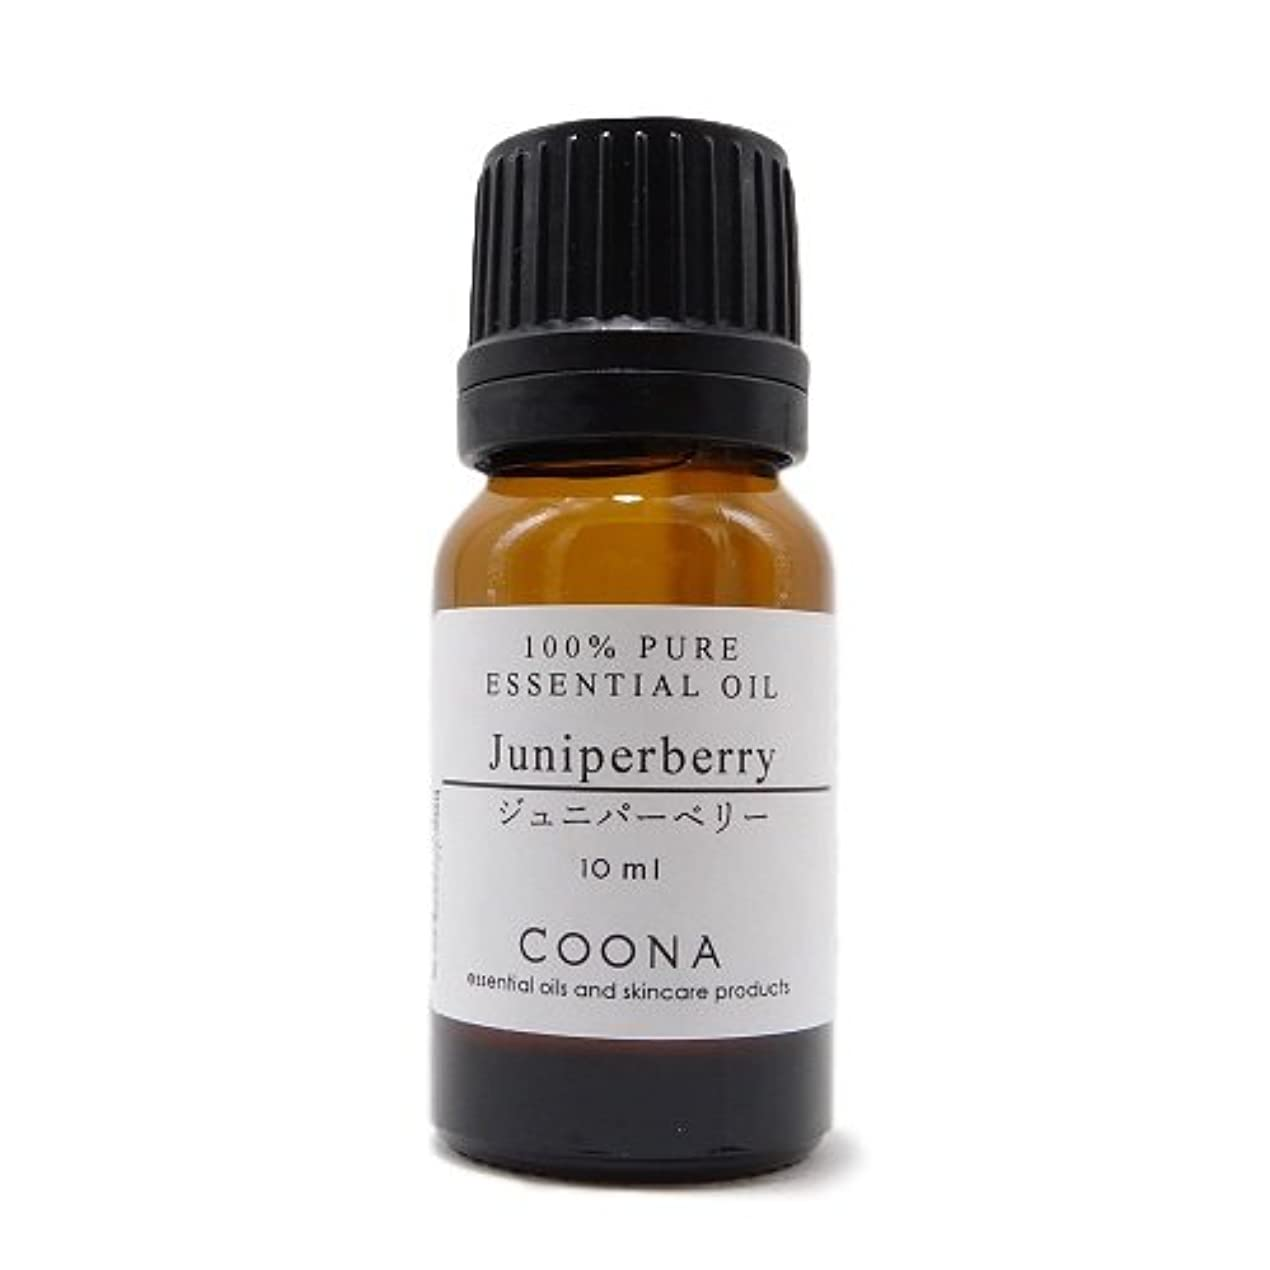 マリナー対反対ジュニパーベリー 10 ml (COONA エッセンシャルオイル アロマオイル 100%天然植物精油)